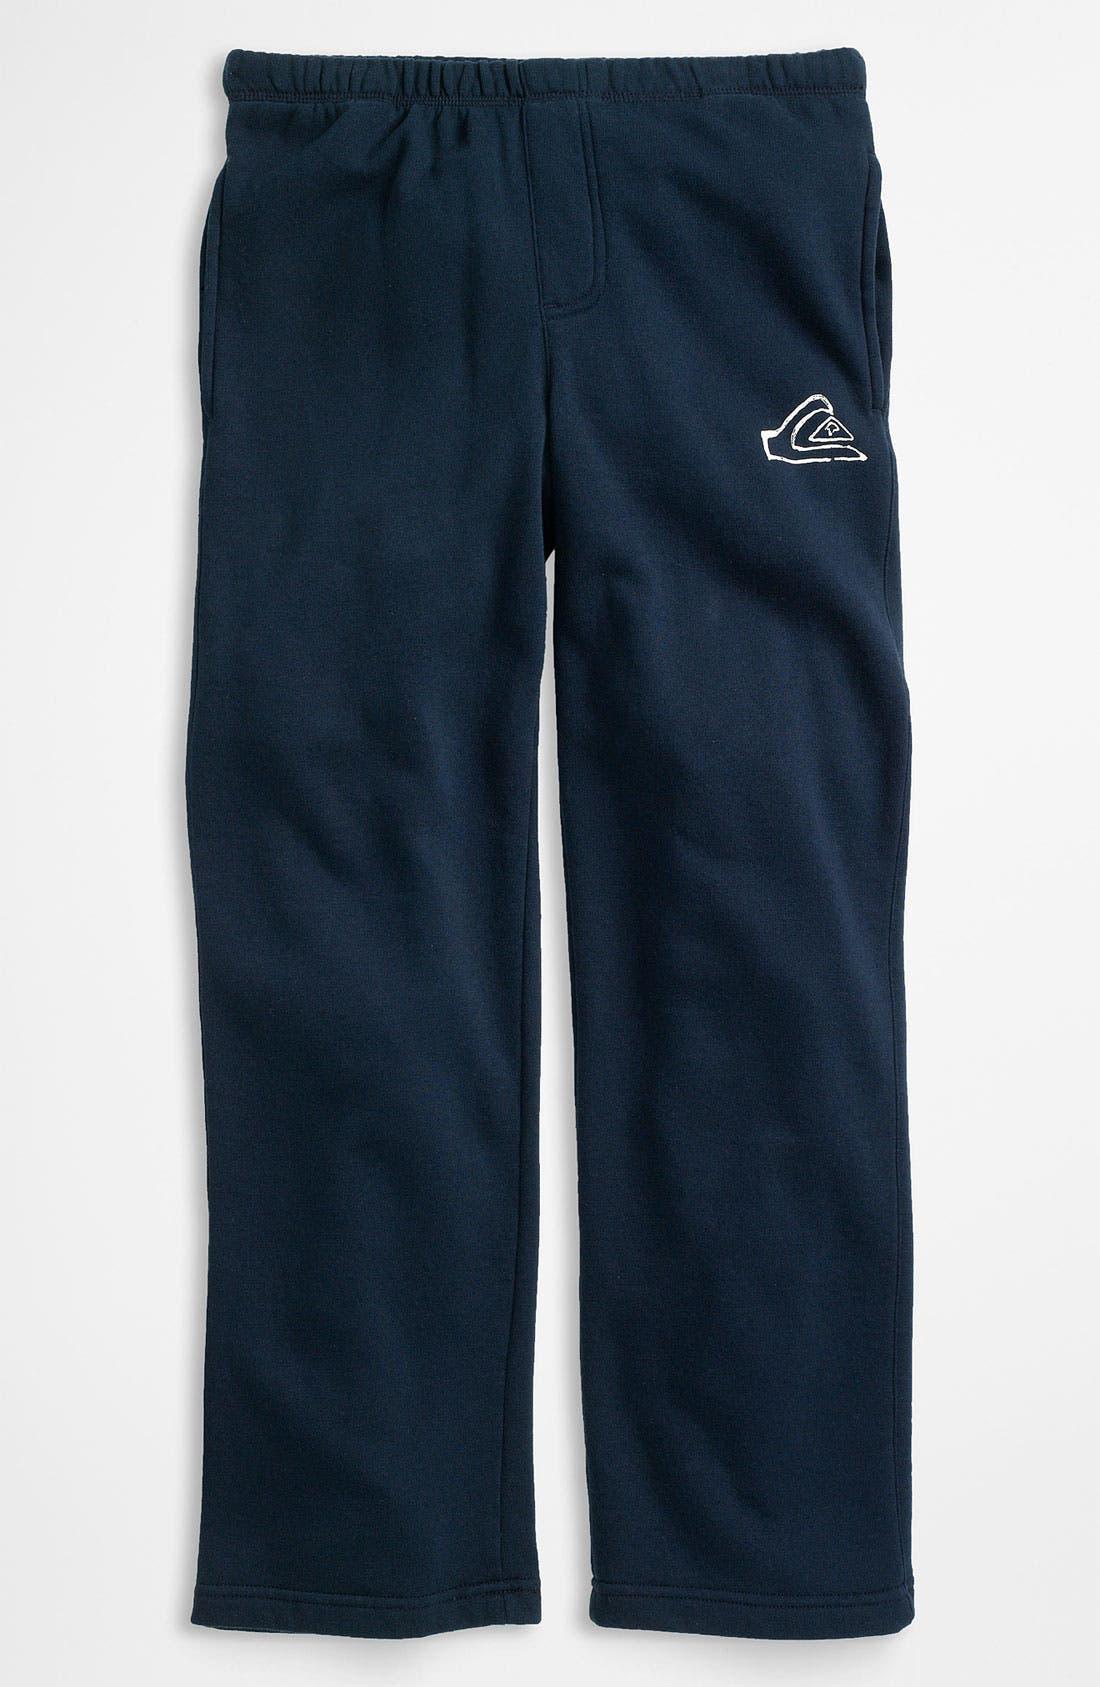 Main Image - Quiksilver 'Rest Stop' Fleece Pants (Little Boys)